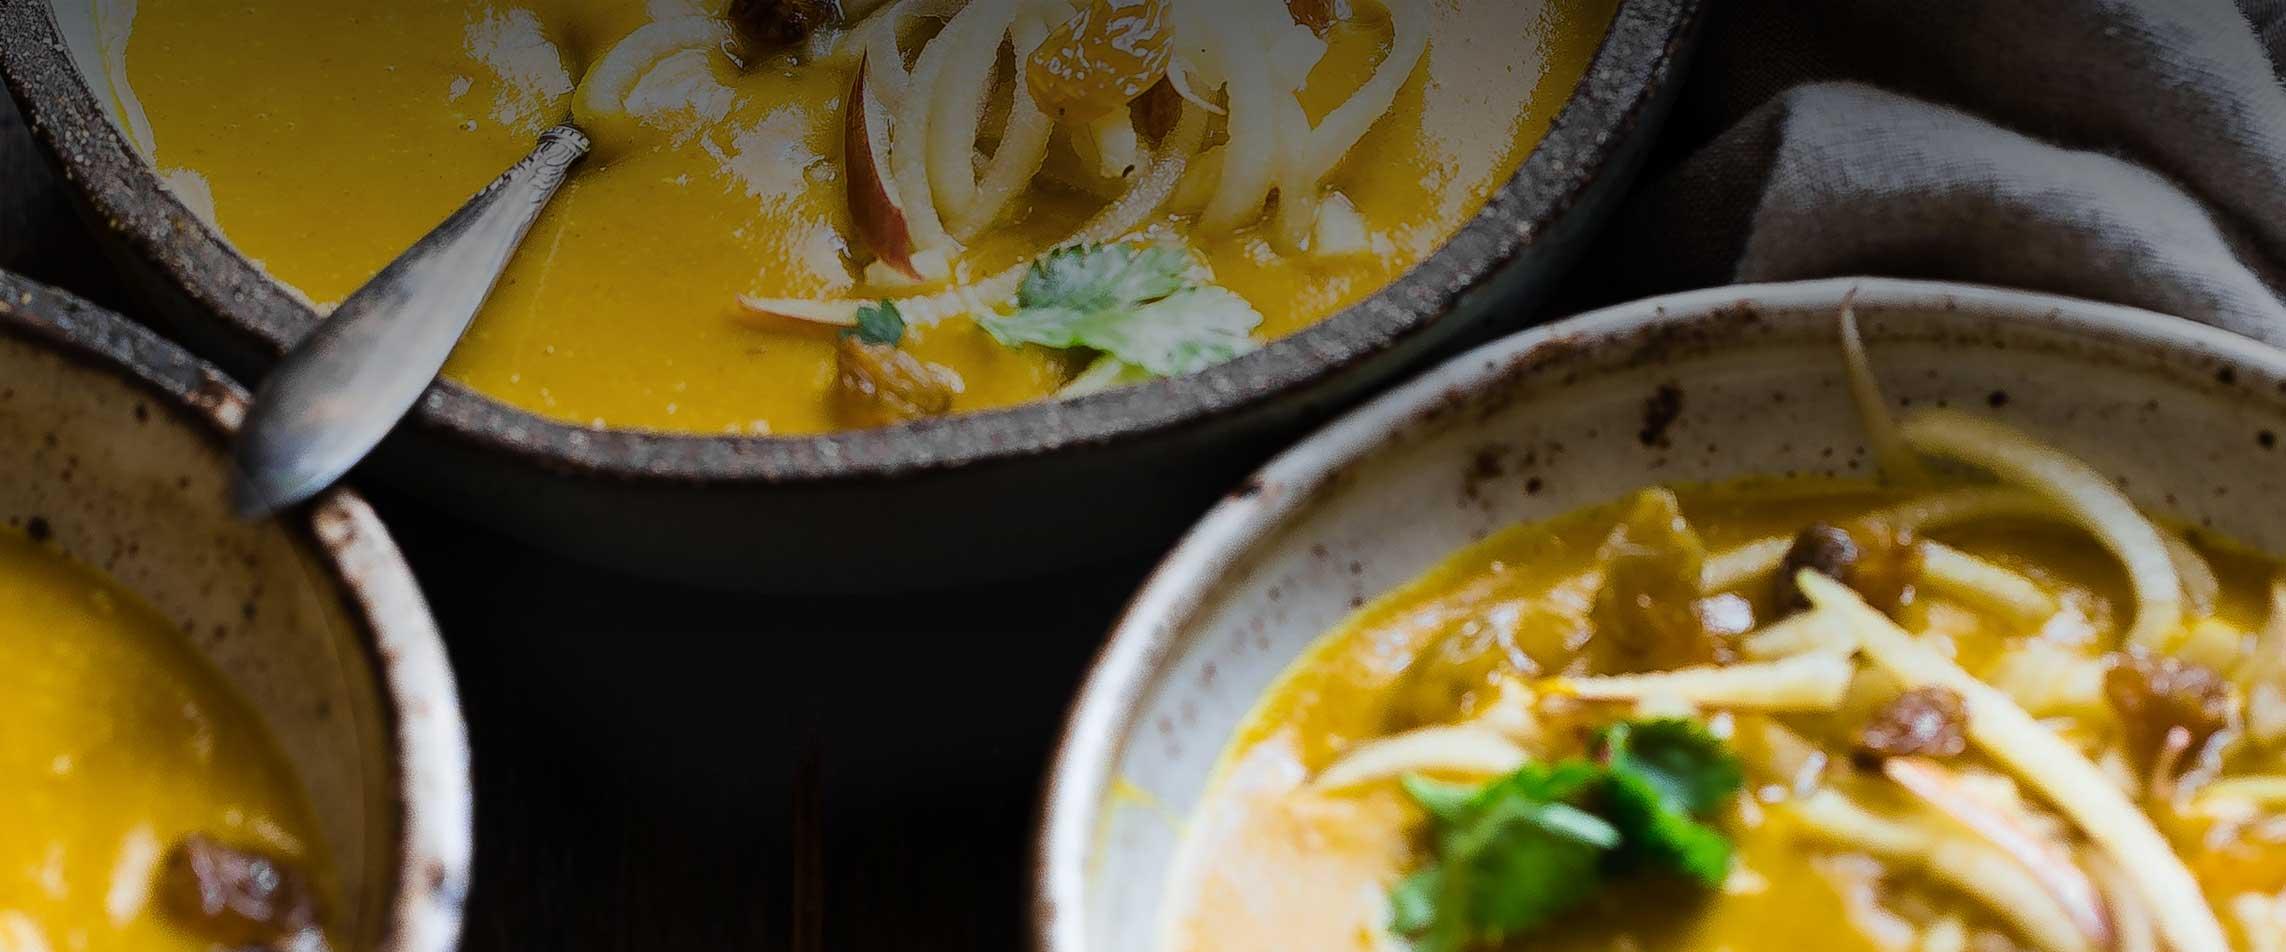 soup in Berwyn